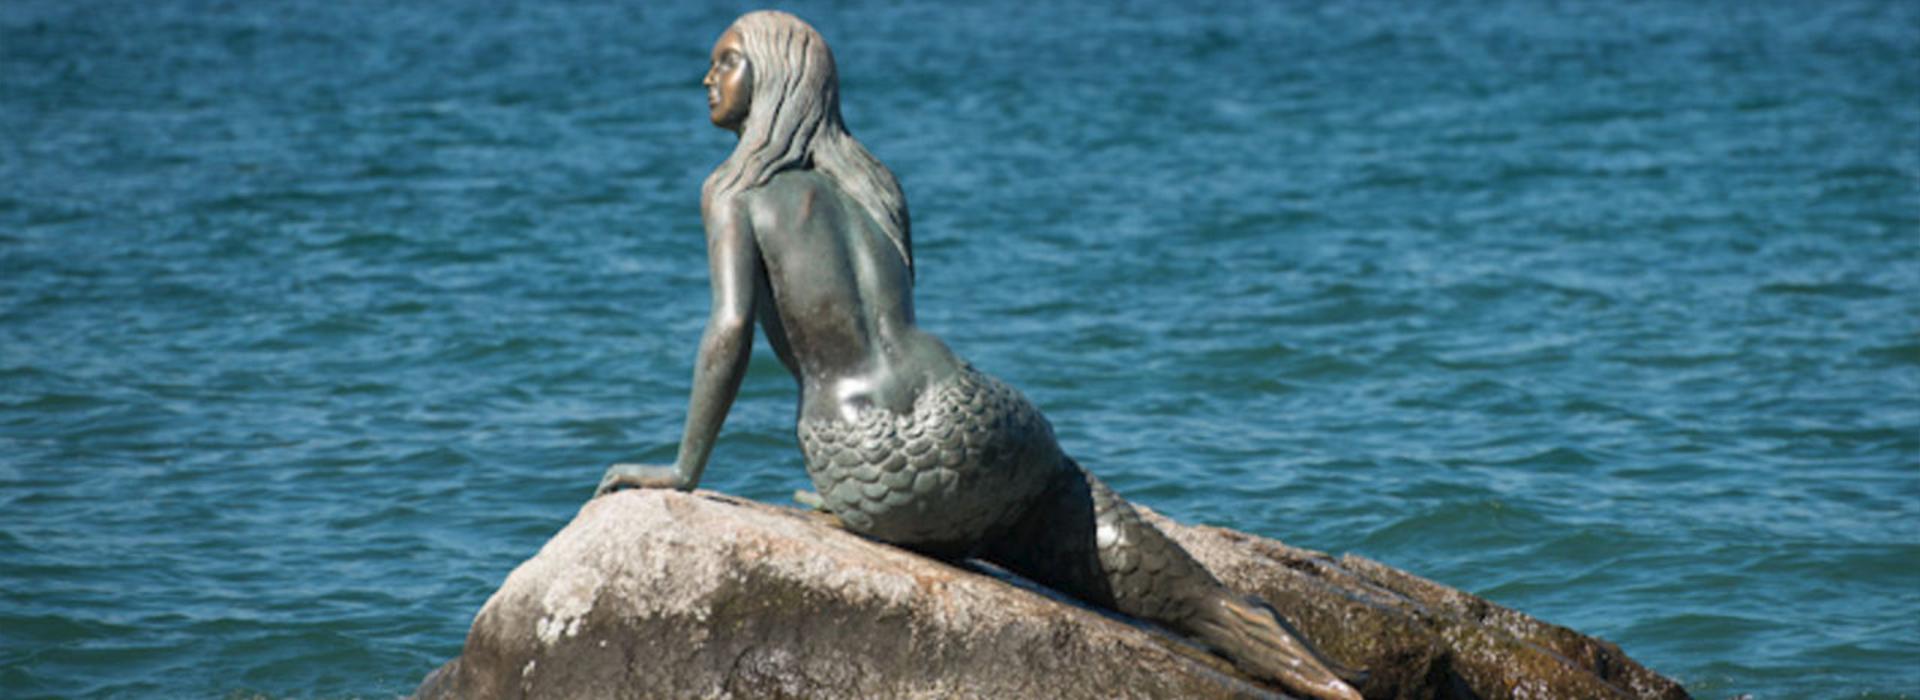 Croisière de la Sirène